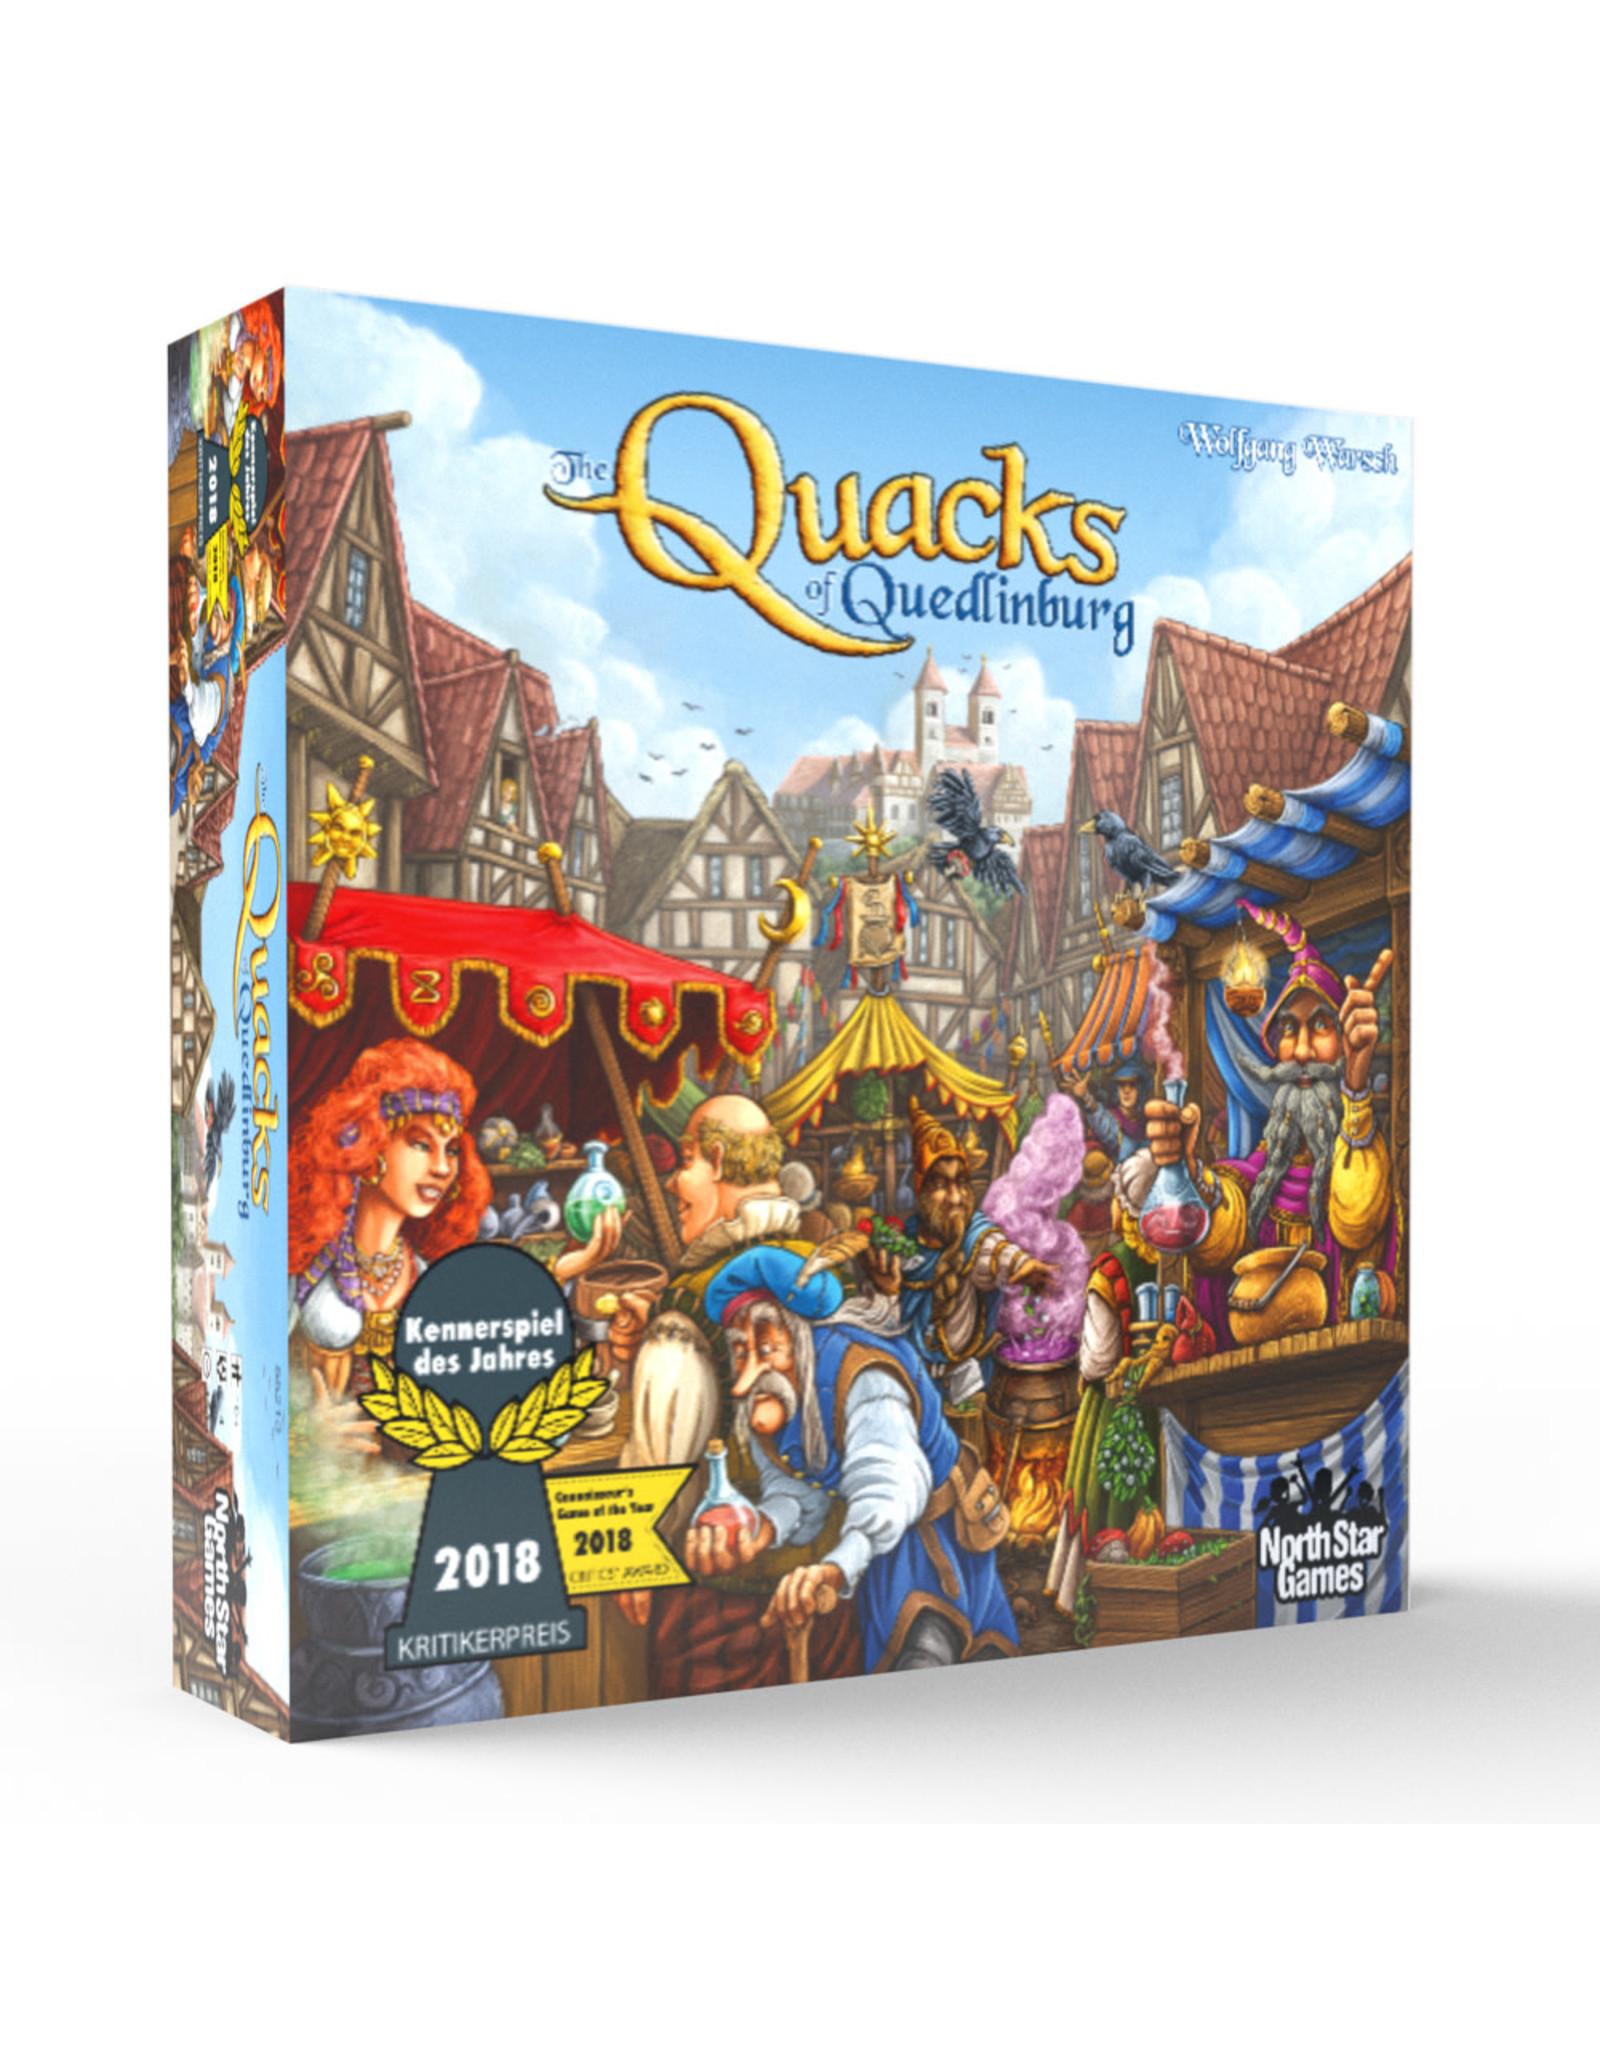 North Star Games Quacks of Quedlinburg Game